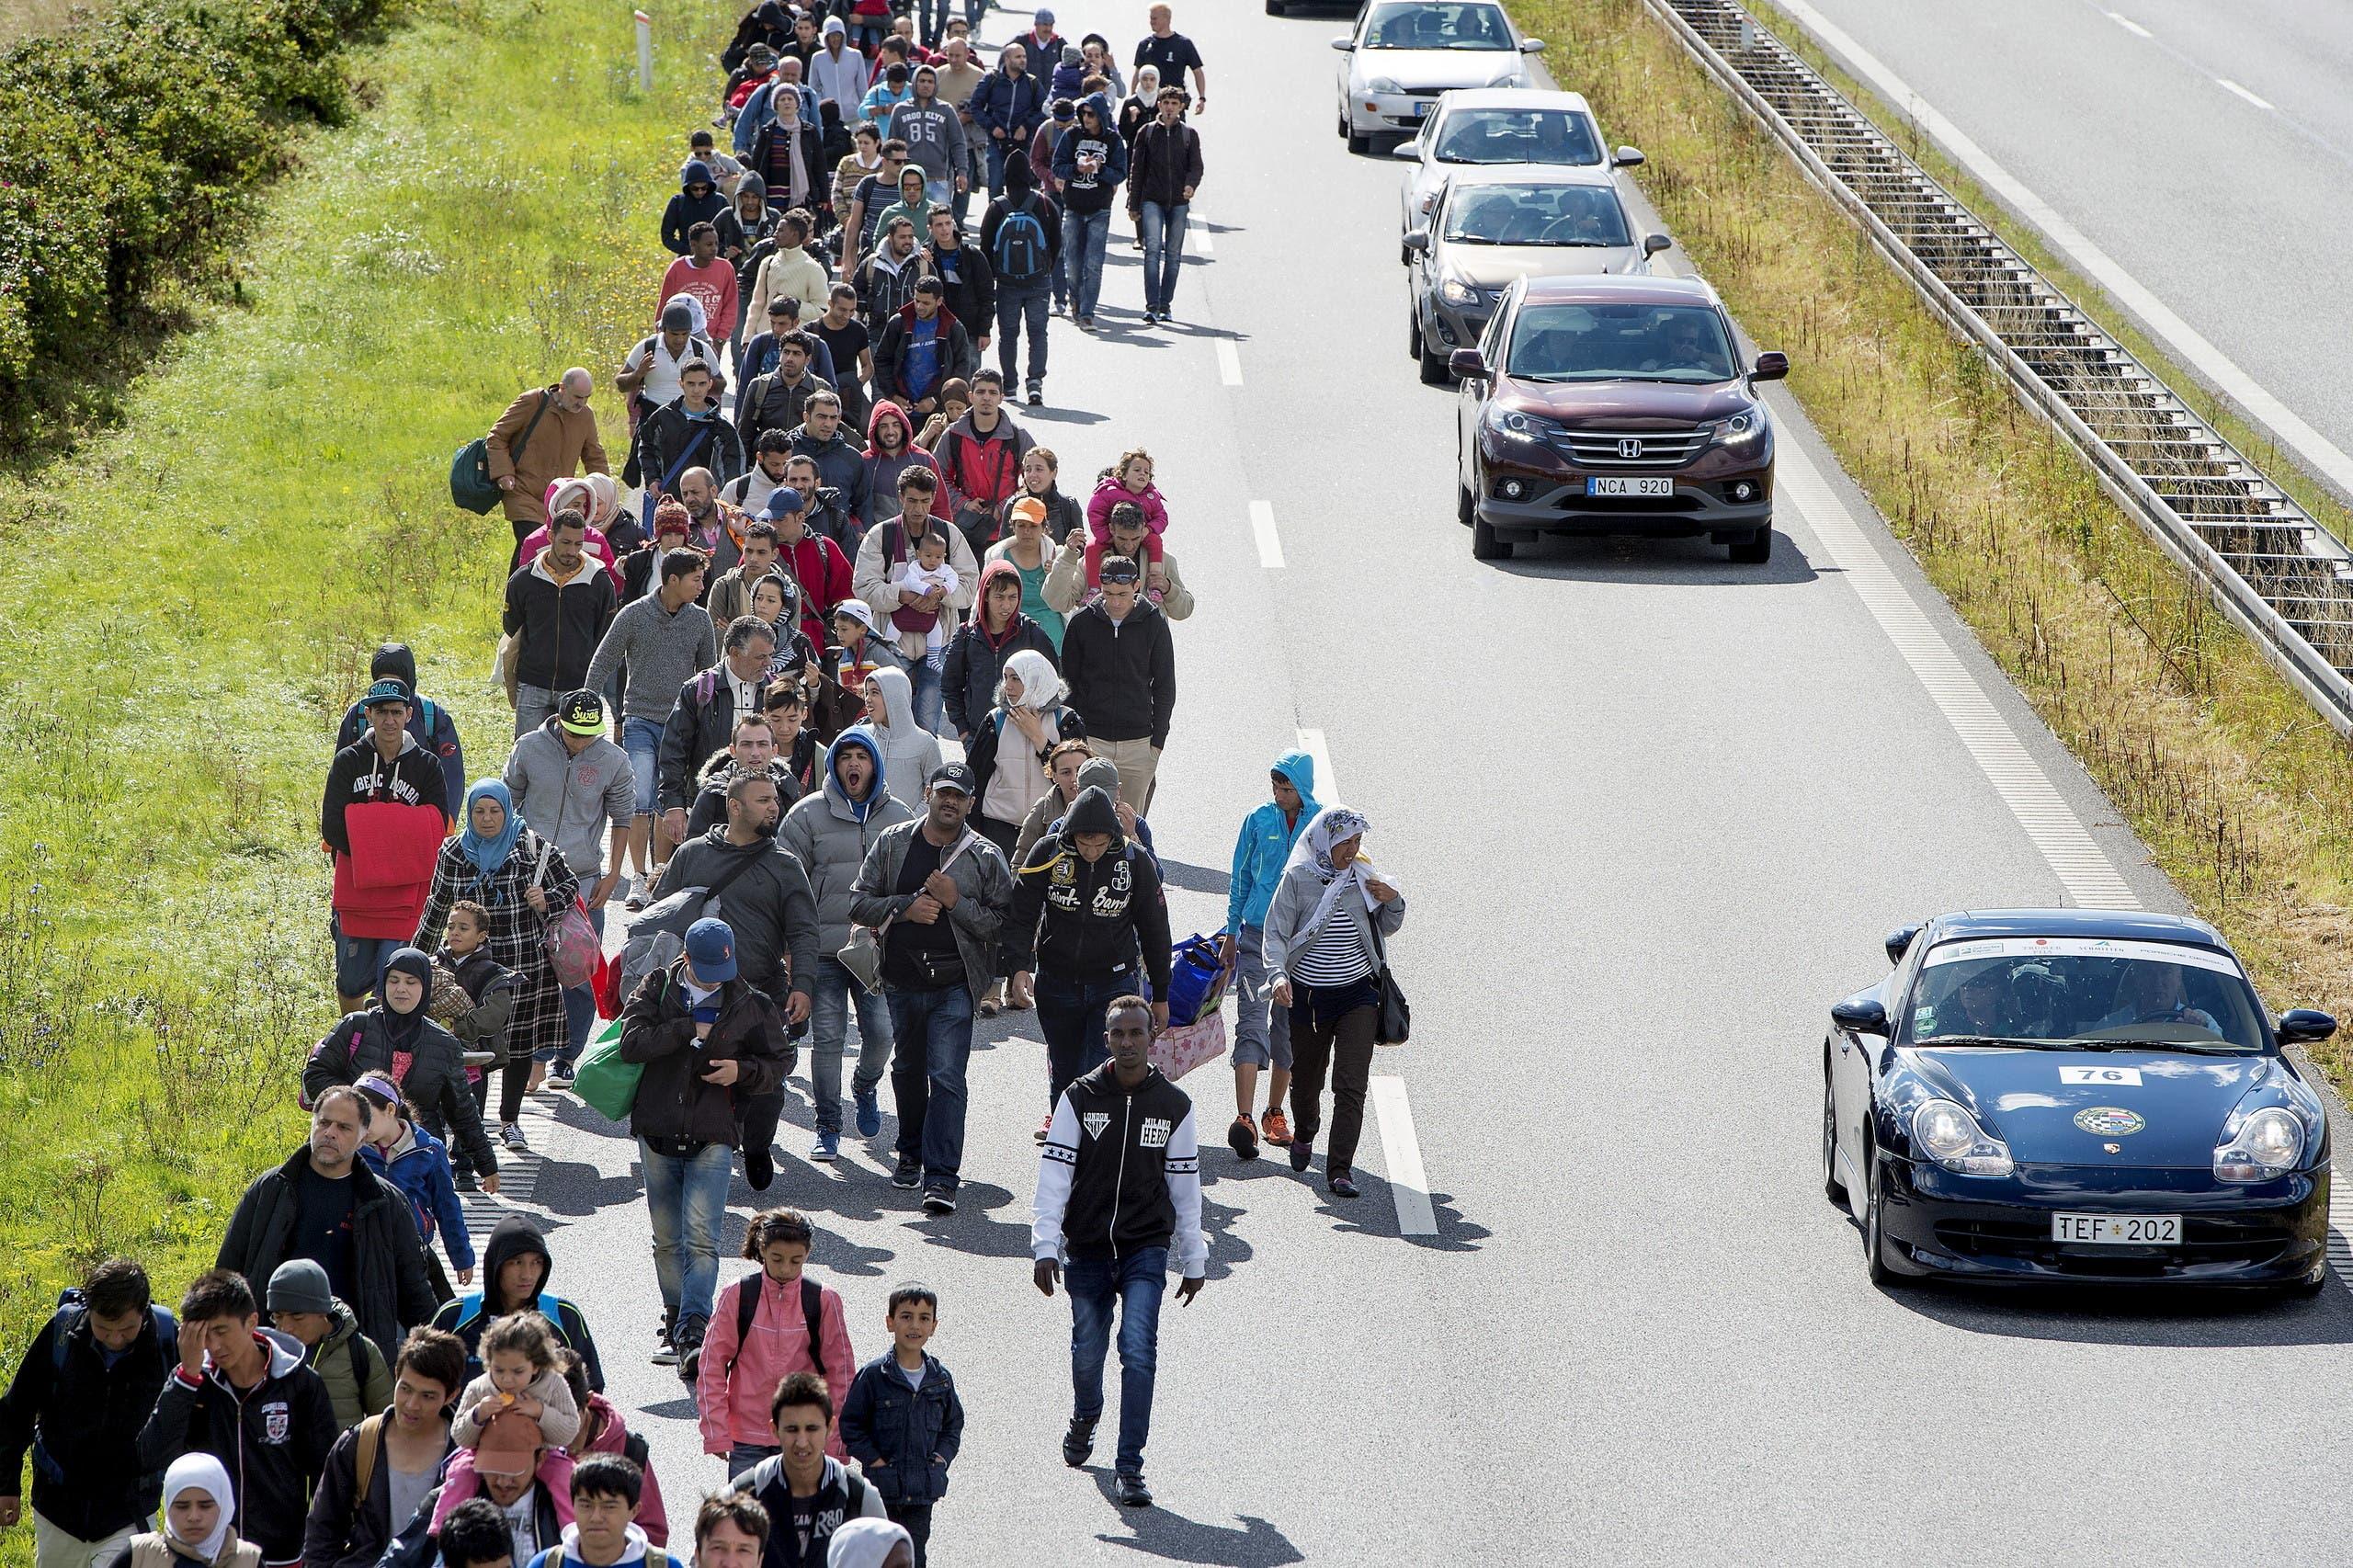 مهاجرون يعبرون الدنمارك للووصل إلى السويد خلال موجة الهجرة الجماعية في أوروبا في 2015